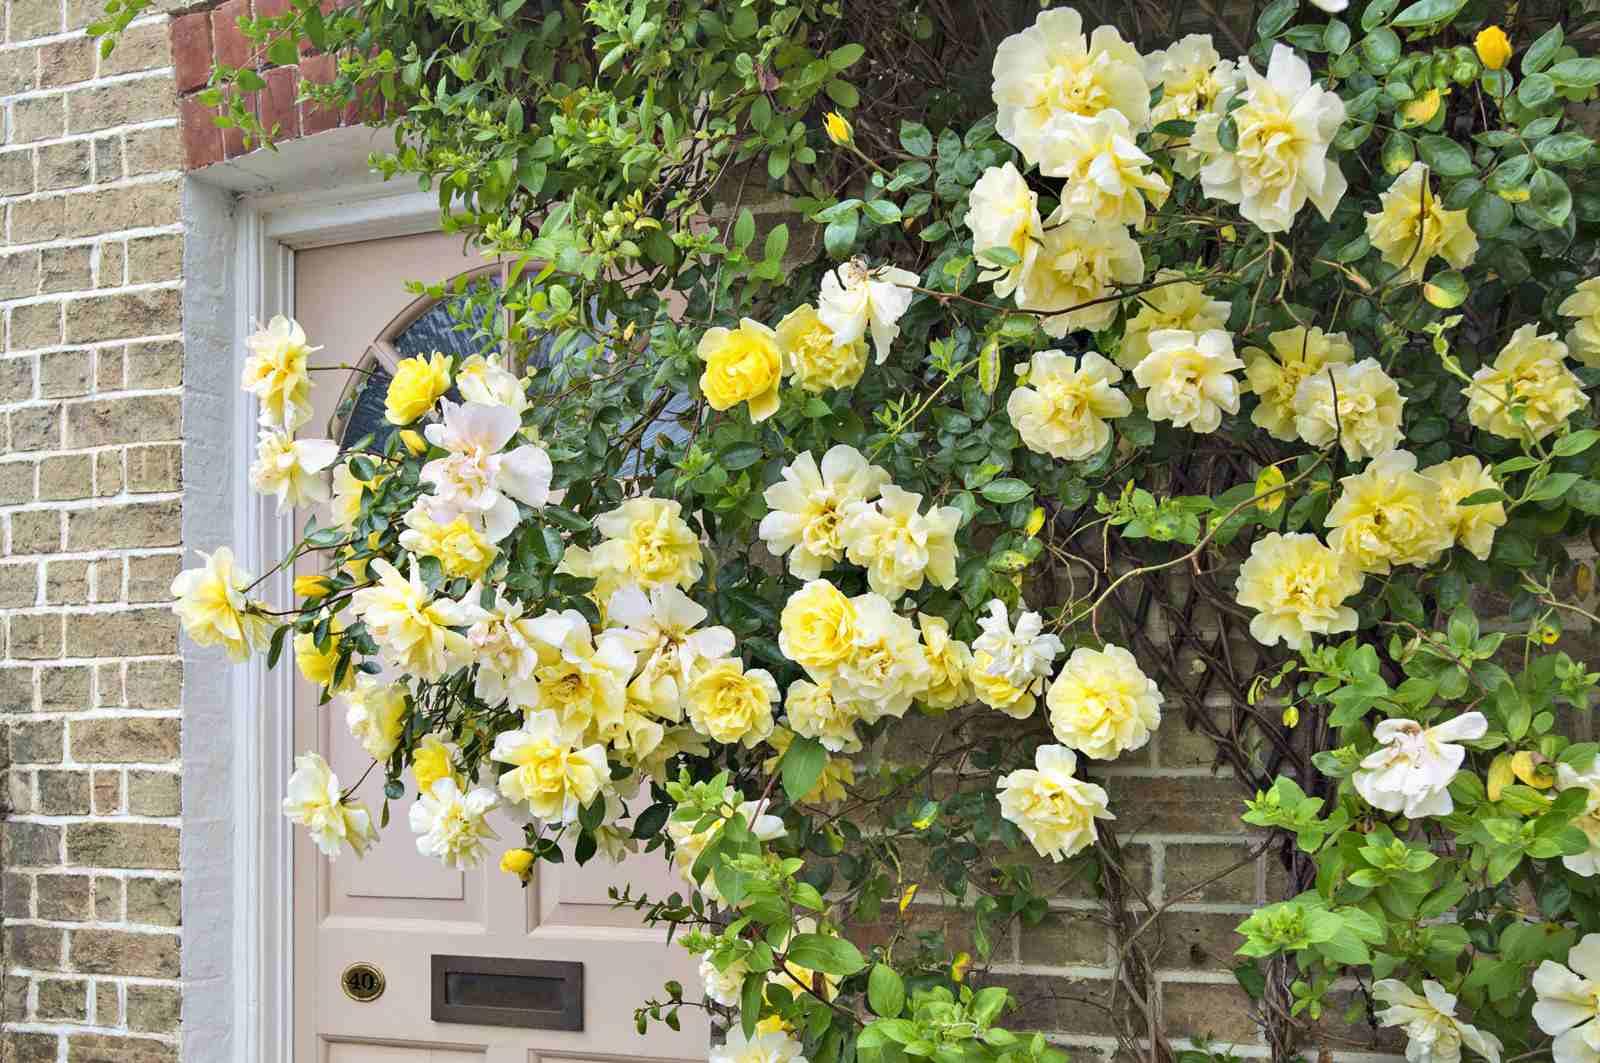 Роза майнцер фастнахт (mainzer fastnacht) — описание сорта